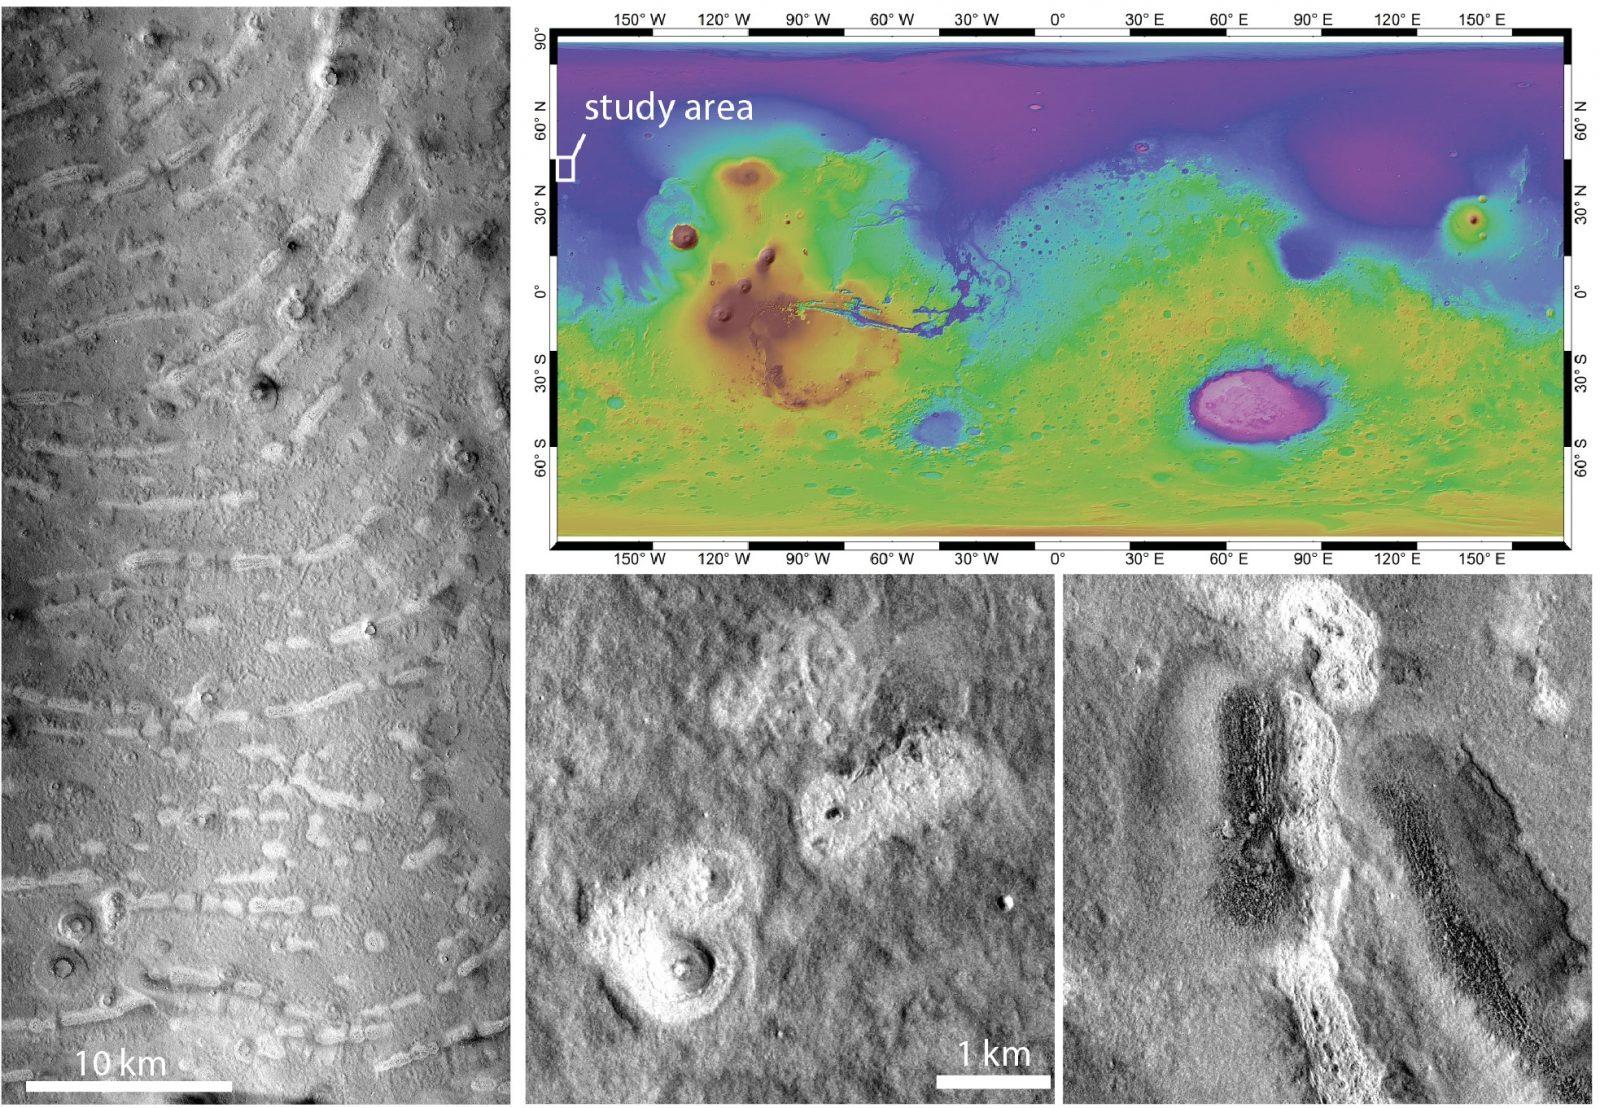 marte vulcani di fango acqua geologia marziana